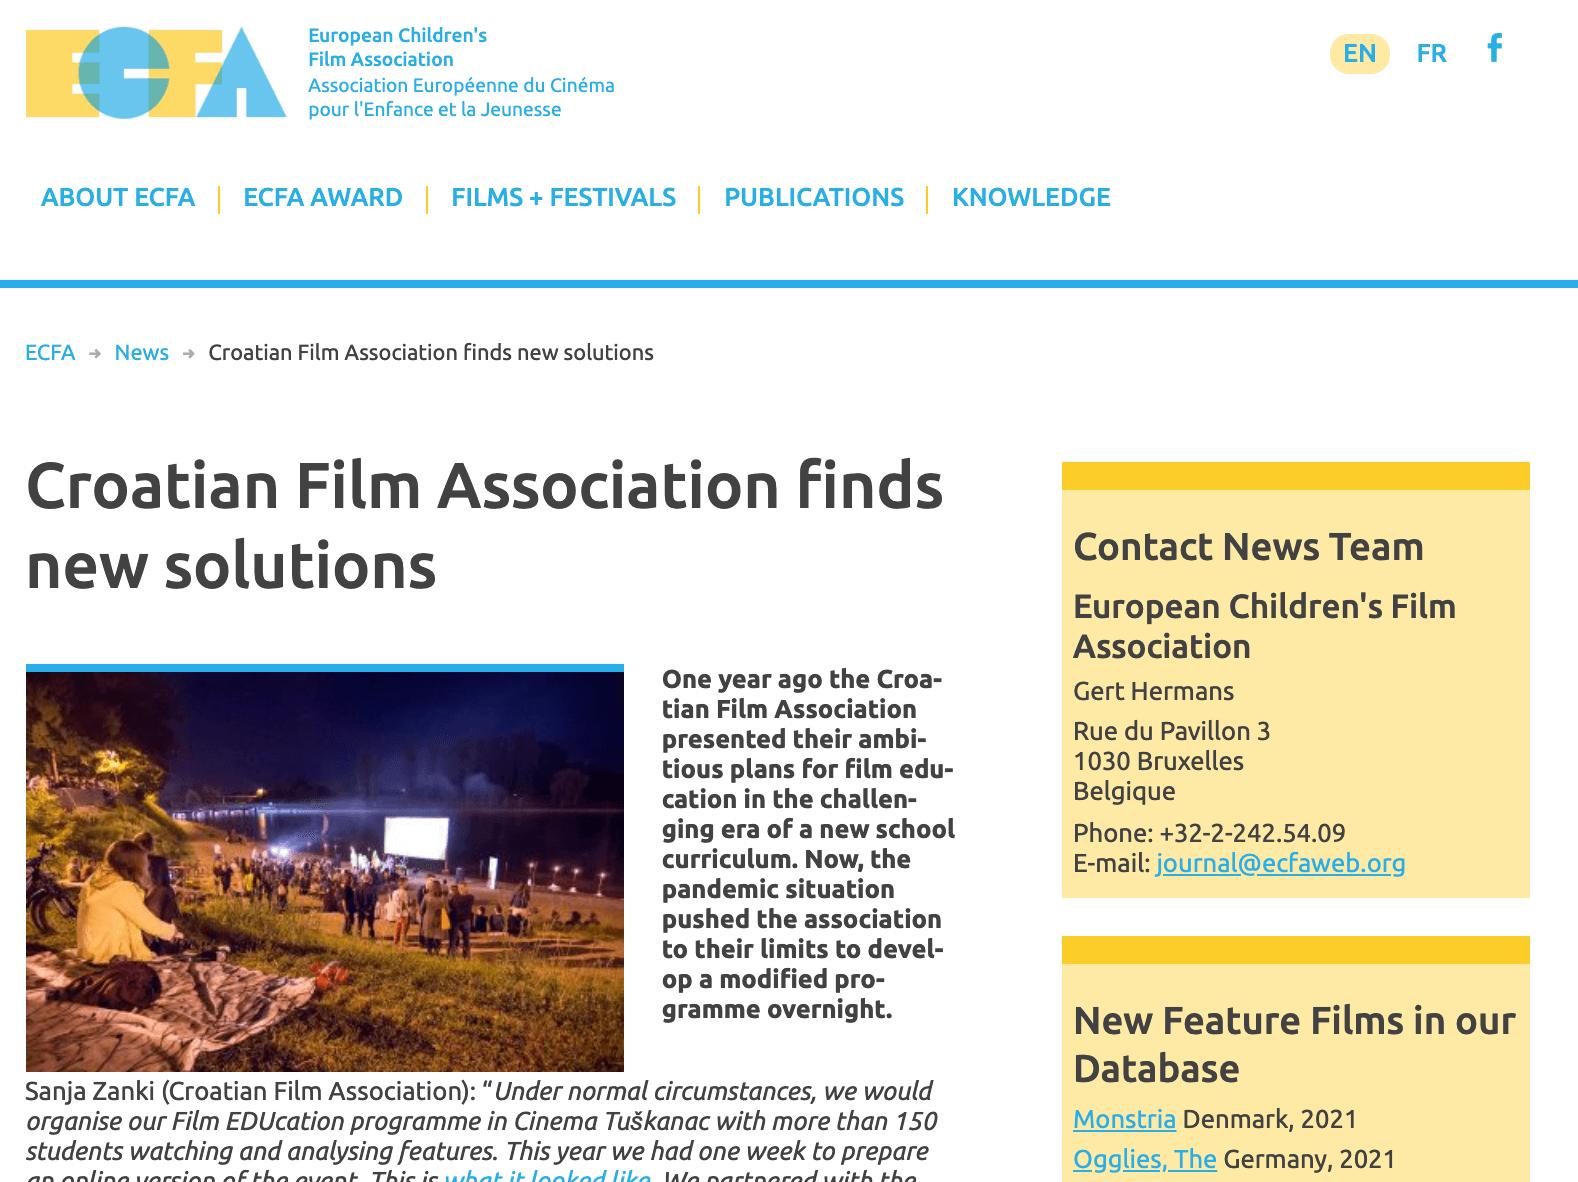 ECFA istaknula Filmsku naSTAVu